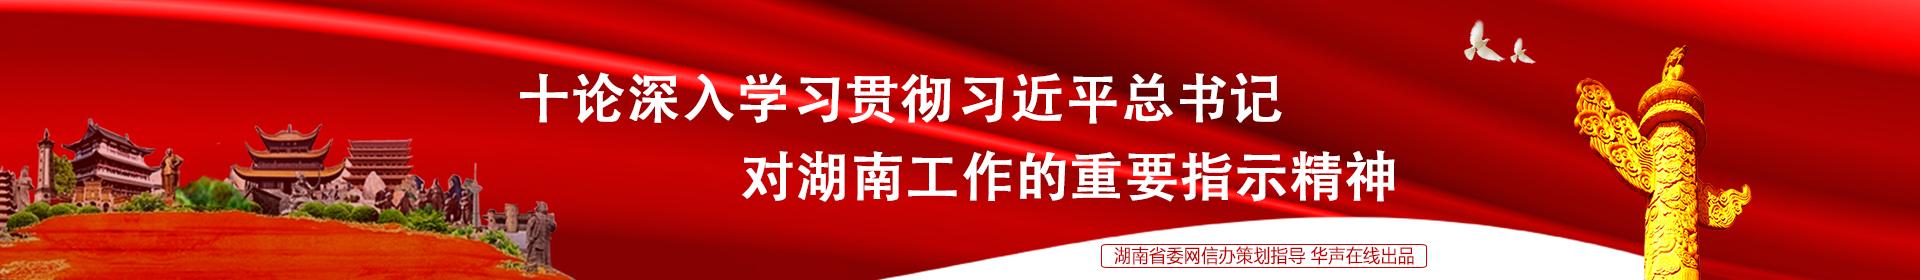 十论深入学习贯彻习近平总书记对湖南工作的重要指示精神